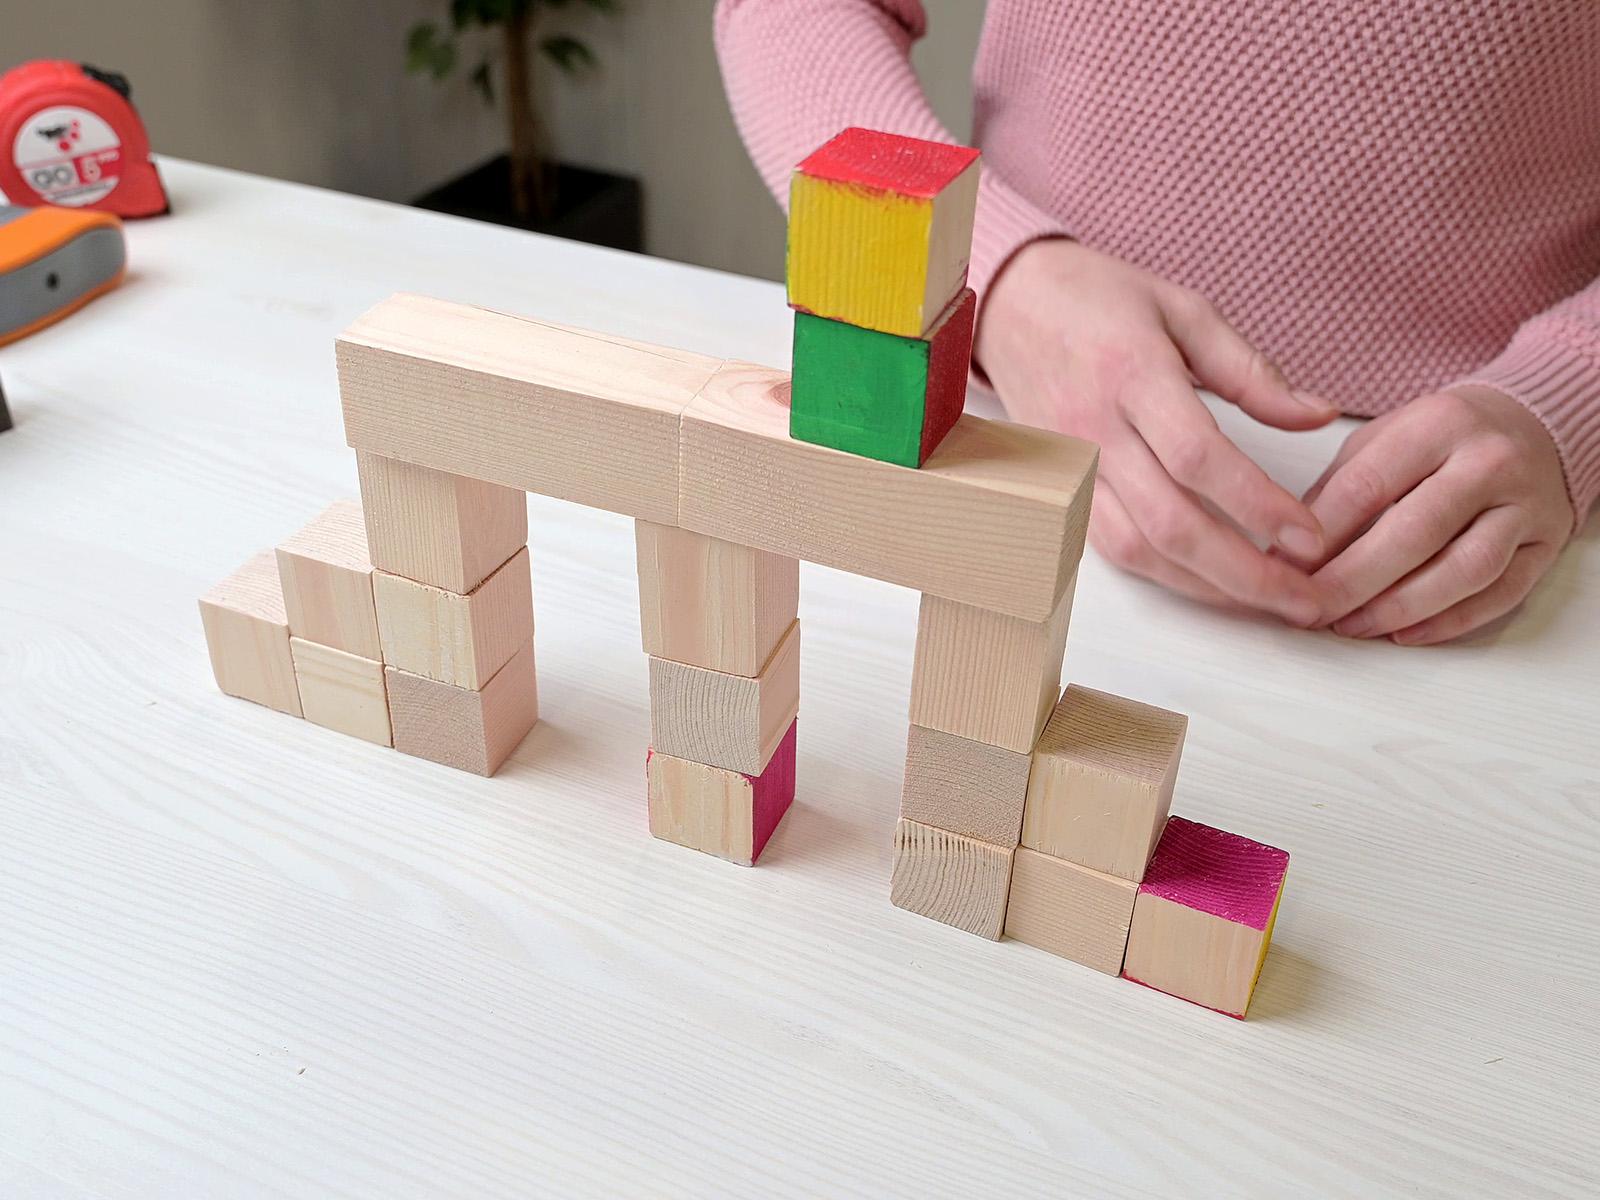 A natúr vagy színes kocka és hasáb formák egy építőjáték elemei is lehetnek.